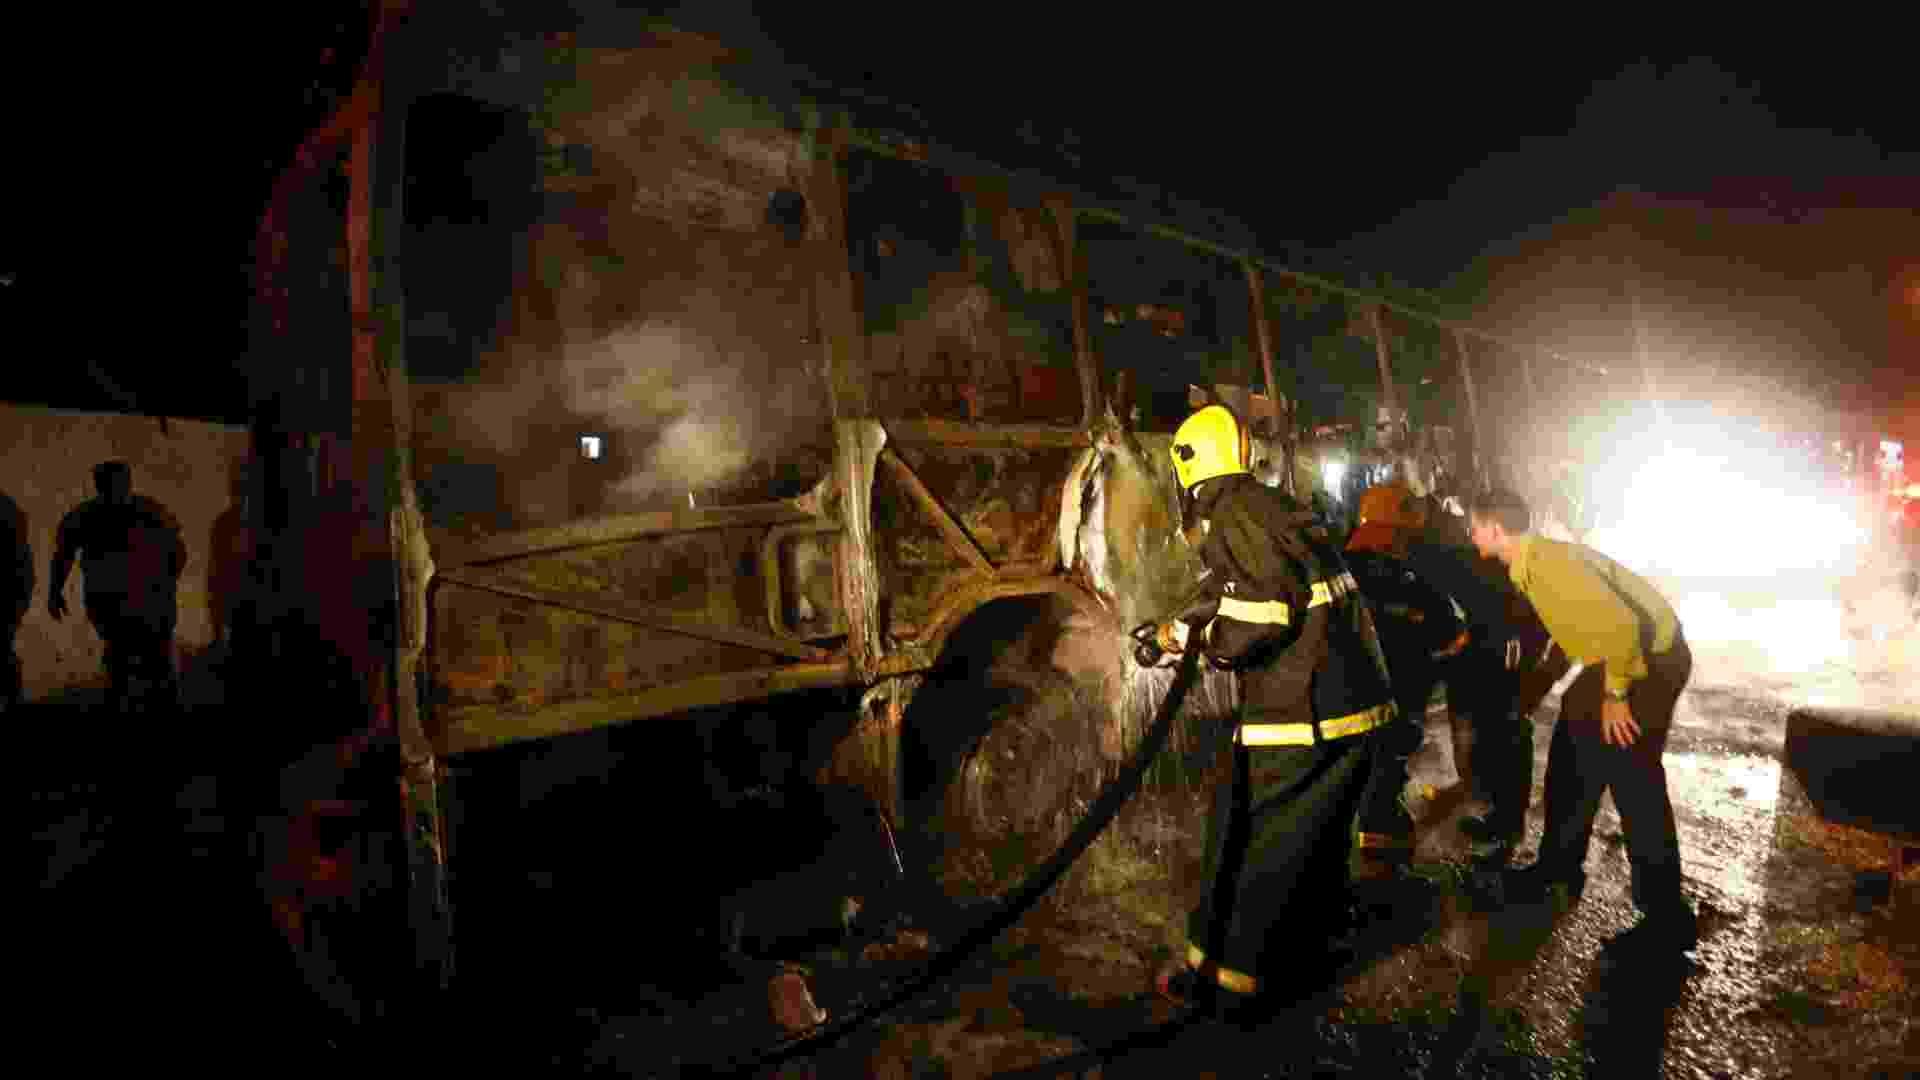 14.nov.2012 - Um ônibus foi incendiado na noite desta quarta (14), na praia dos Ingleses, na região norte de Florianópolis. As companhias de ônibus Canasvieiras, Insular, Emflotur e Transol cancelaram os serviços ao norte da ilha - Cristiano Estrela/Agencia RBS